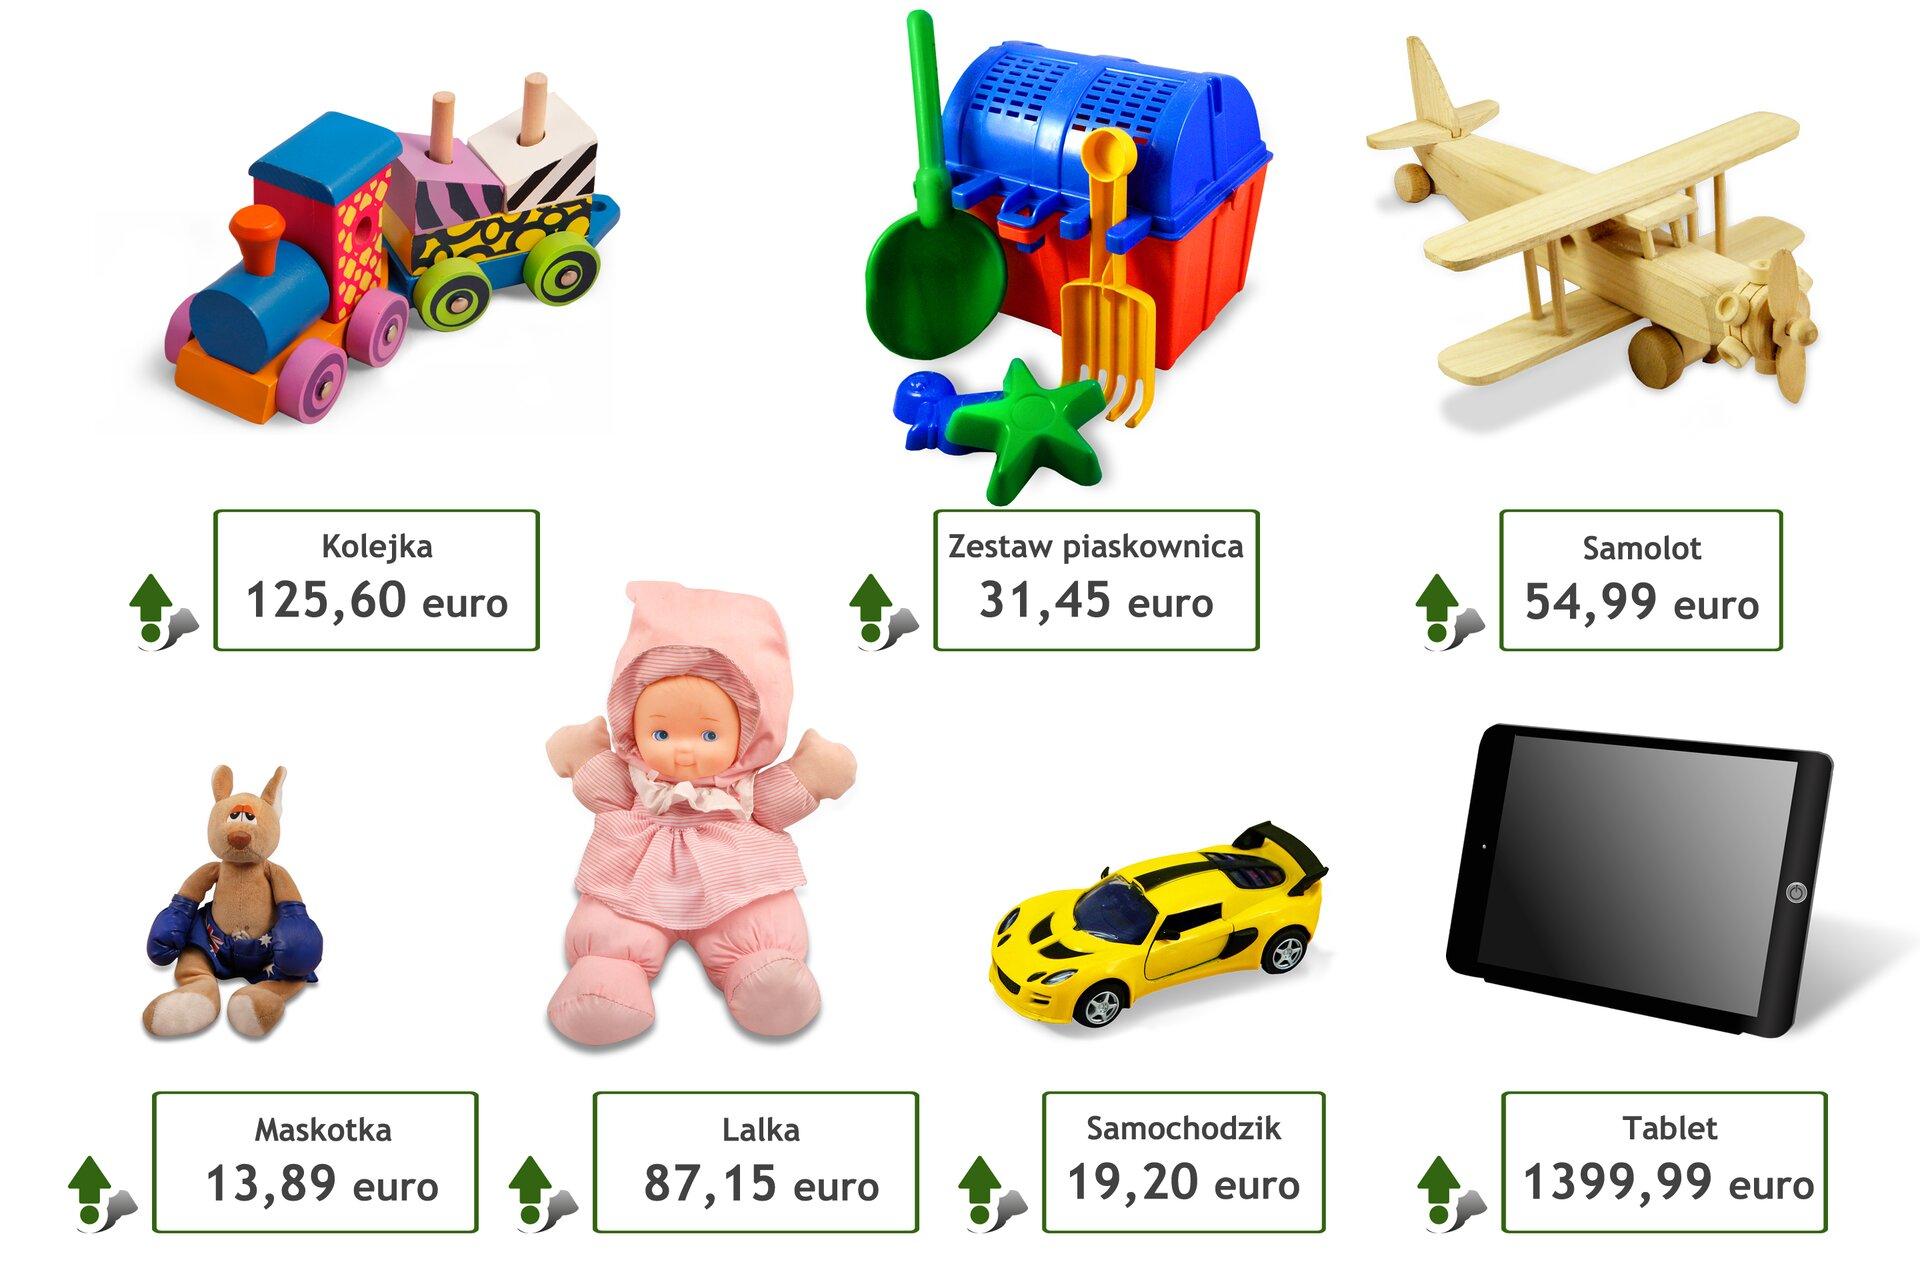 Rysunki pięciu przedmiotów: kolejki dla dzieci wcenie 125,60 euro, zestawu do piaskownicy wcenie 31,45 euro, samolotu wcenie 54,99 euro, maskotki wcenie 13,89 euro, lalka wcenie 87,15 euro, samochodziku wcenie 19,20 euro, tabletu wcenie 1399,99 euro.